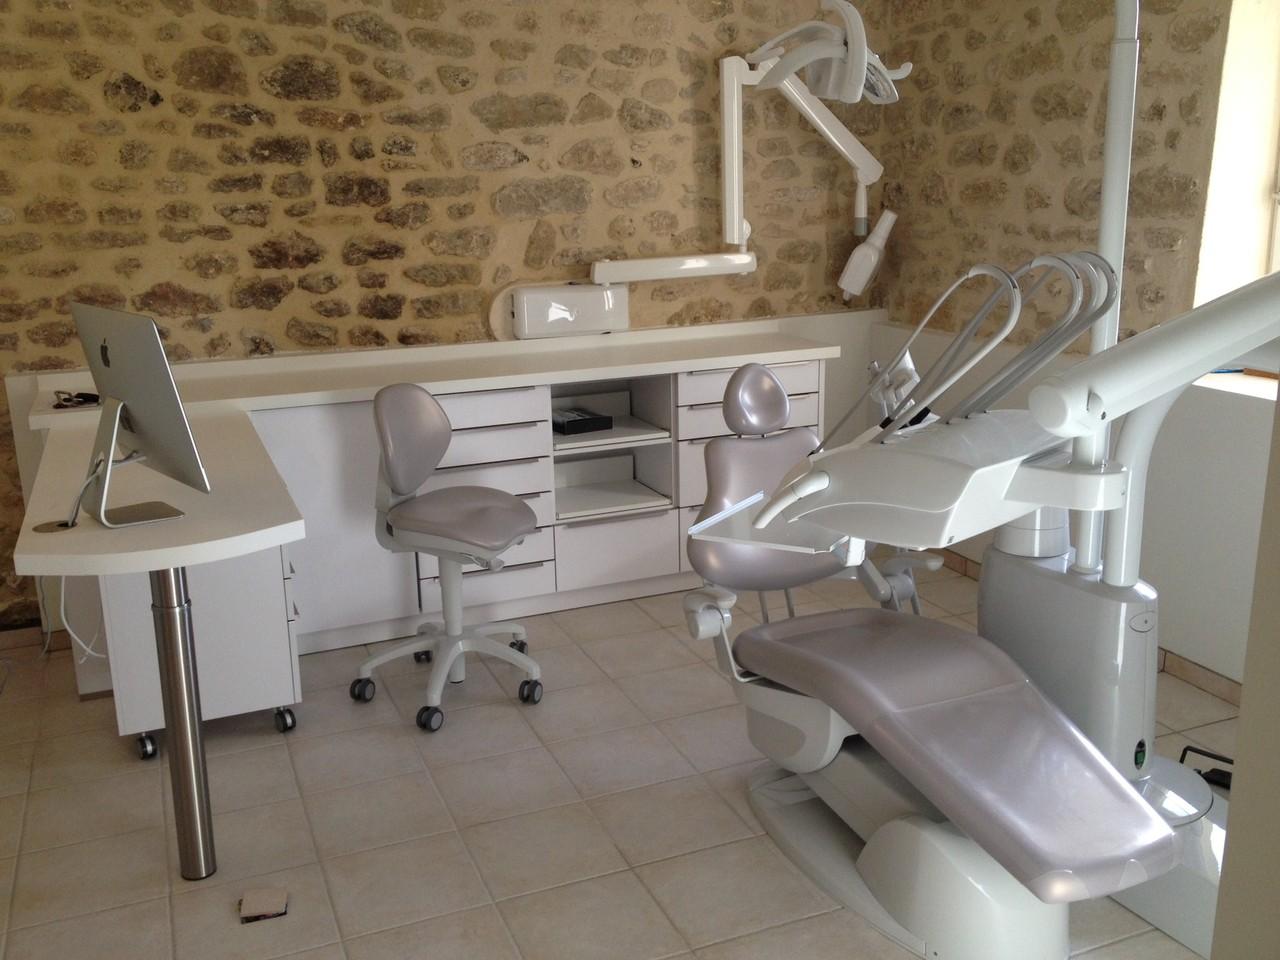 Ciment dentaire : une action pour coller le dentier ?